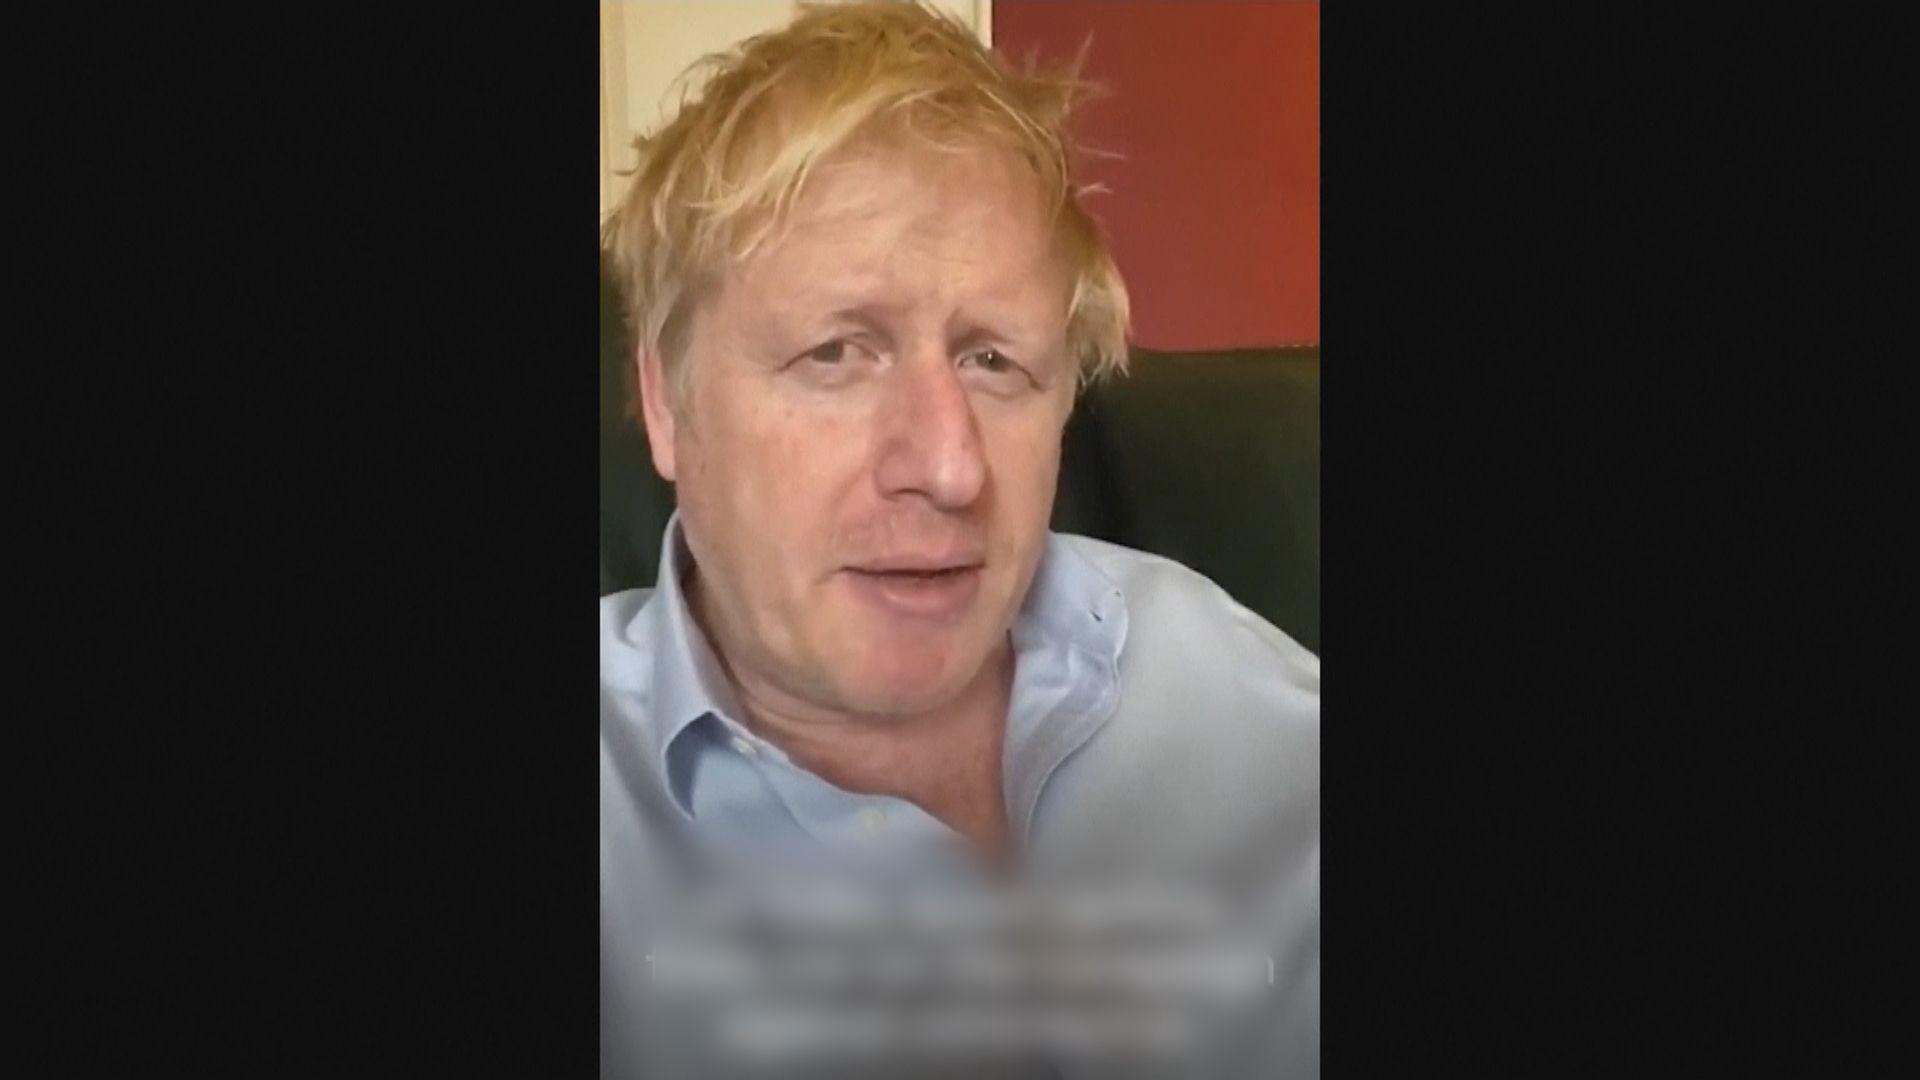 【深切治療】英首相府否認約翰遜現需使用呼吸機 外相指續領國家戰勝疫情